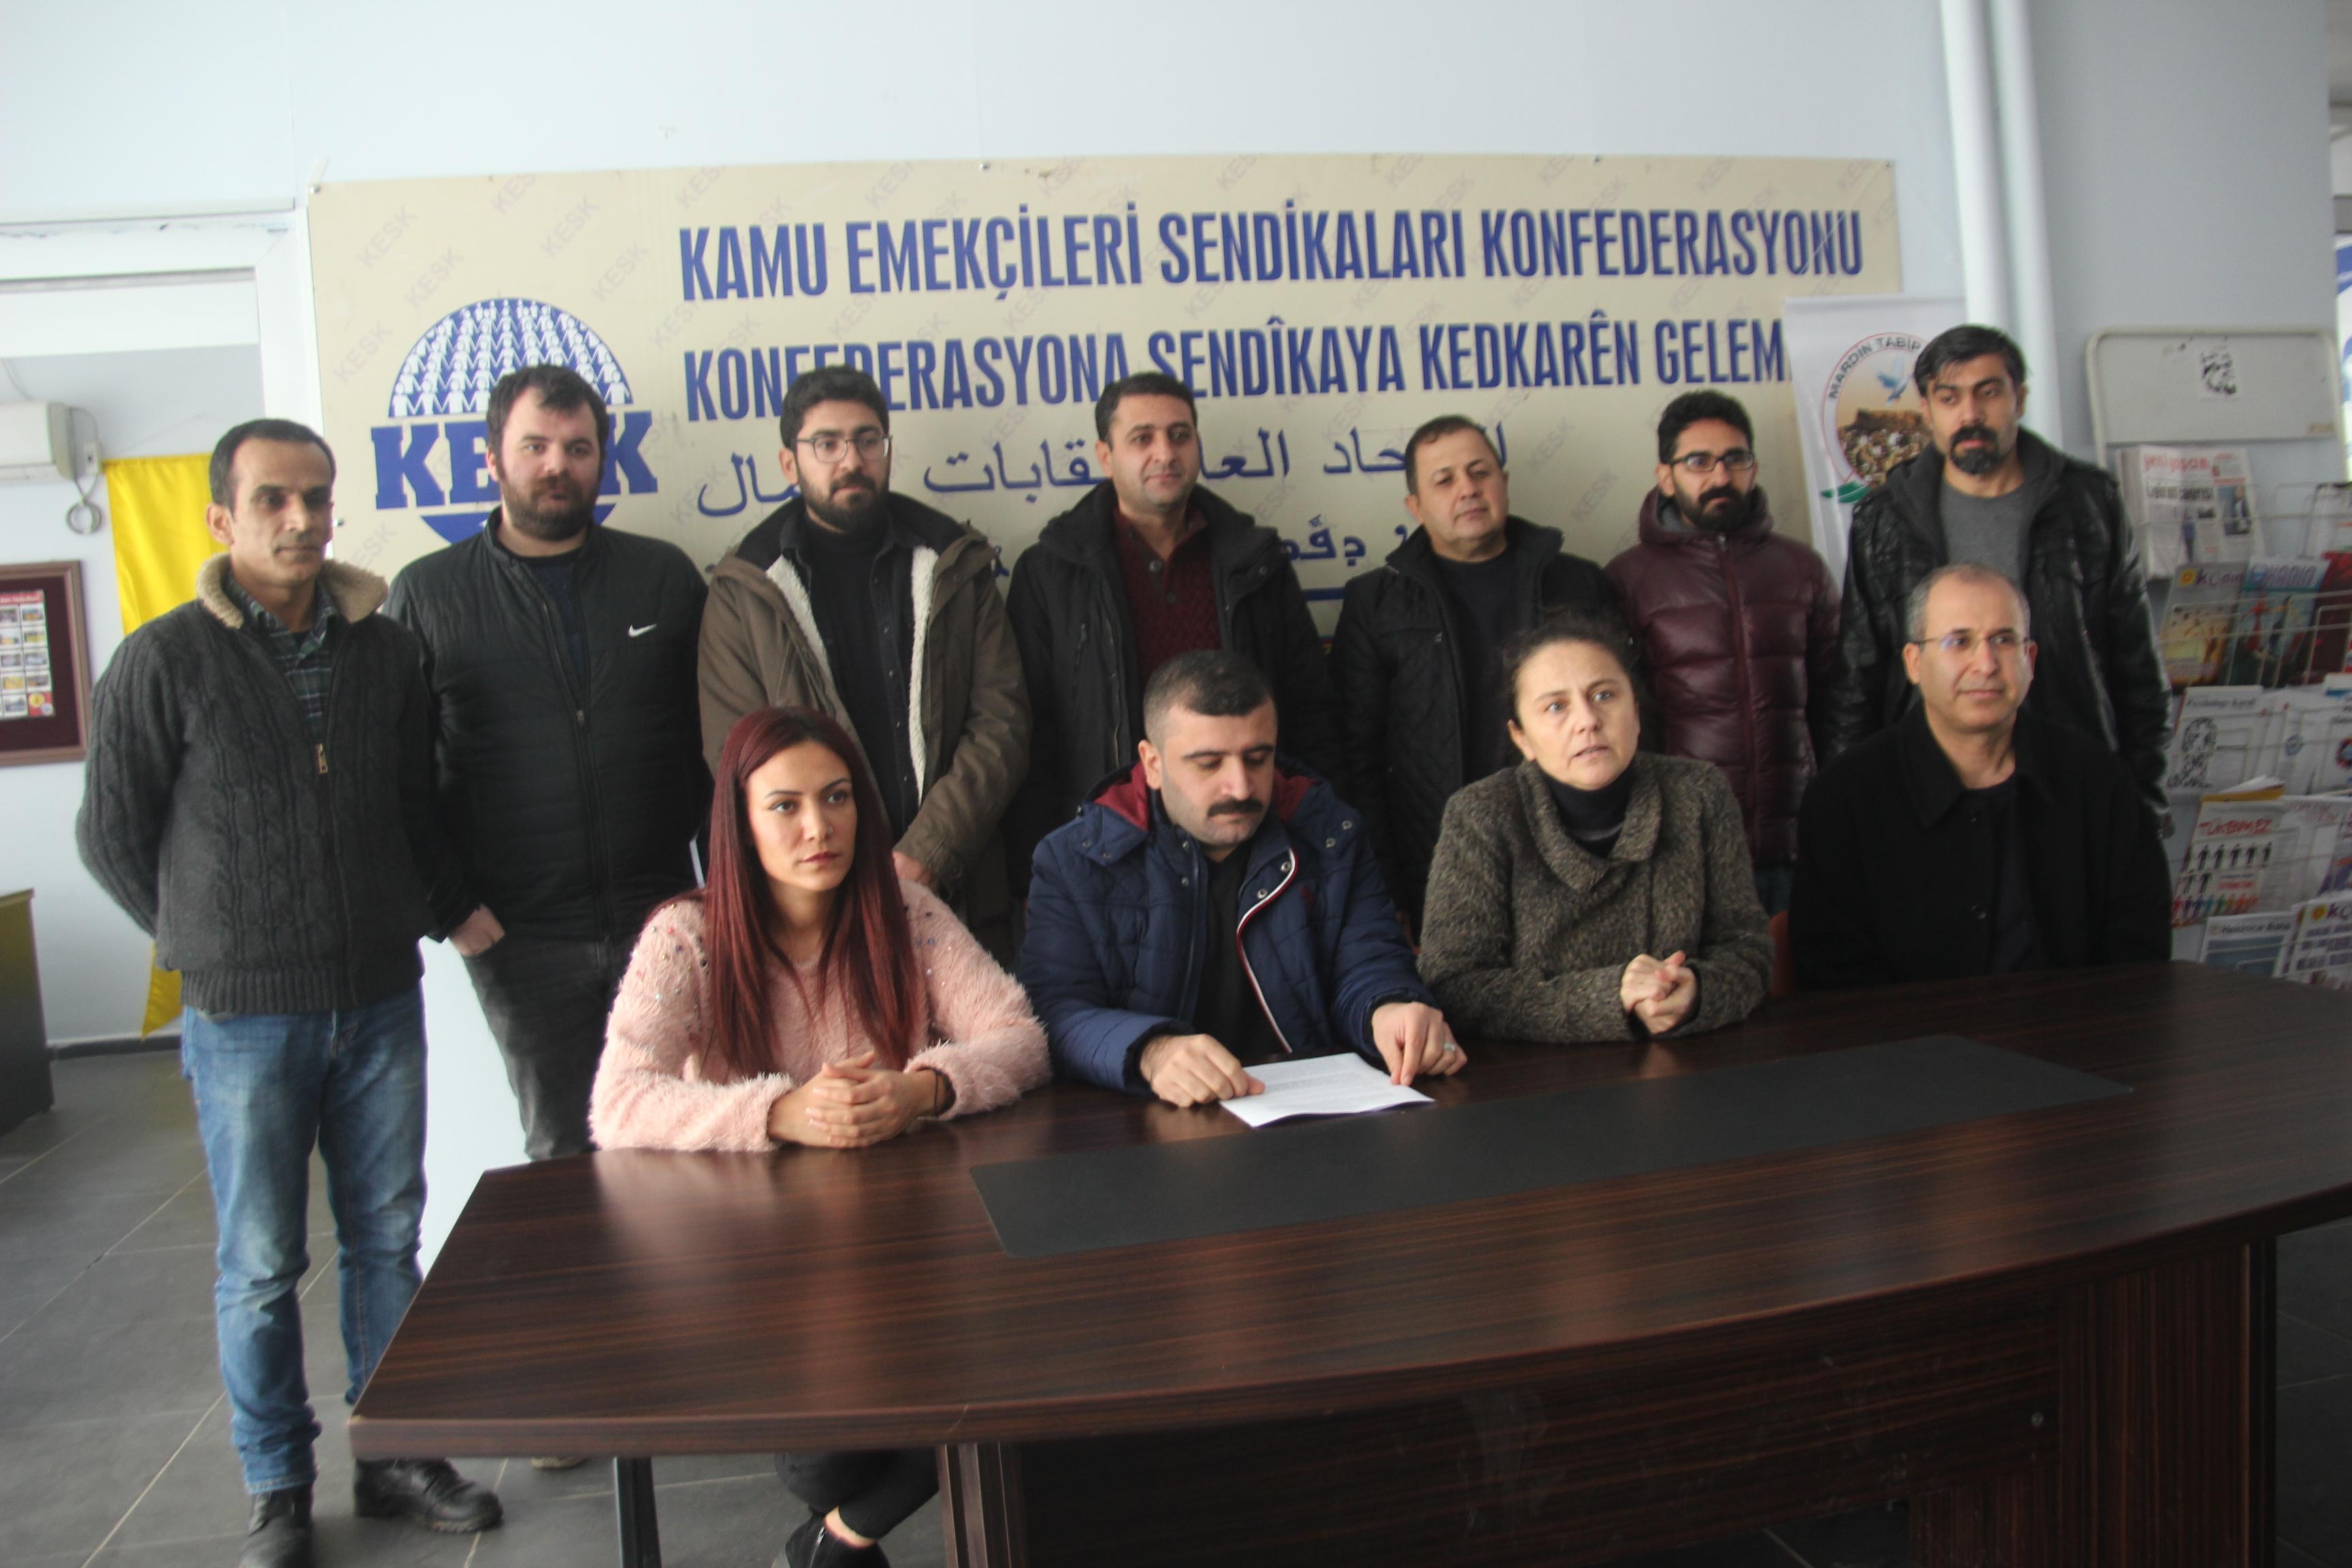 Mardin: Tabip Odalarının Oluşturacağı Bağımsız Hekim Heyetlerinin Cezaevlerine Girmesine Bir An Önce İzin Verilsin